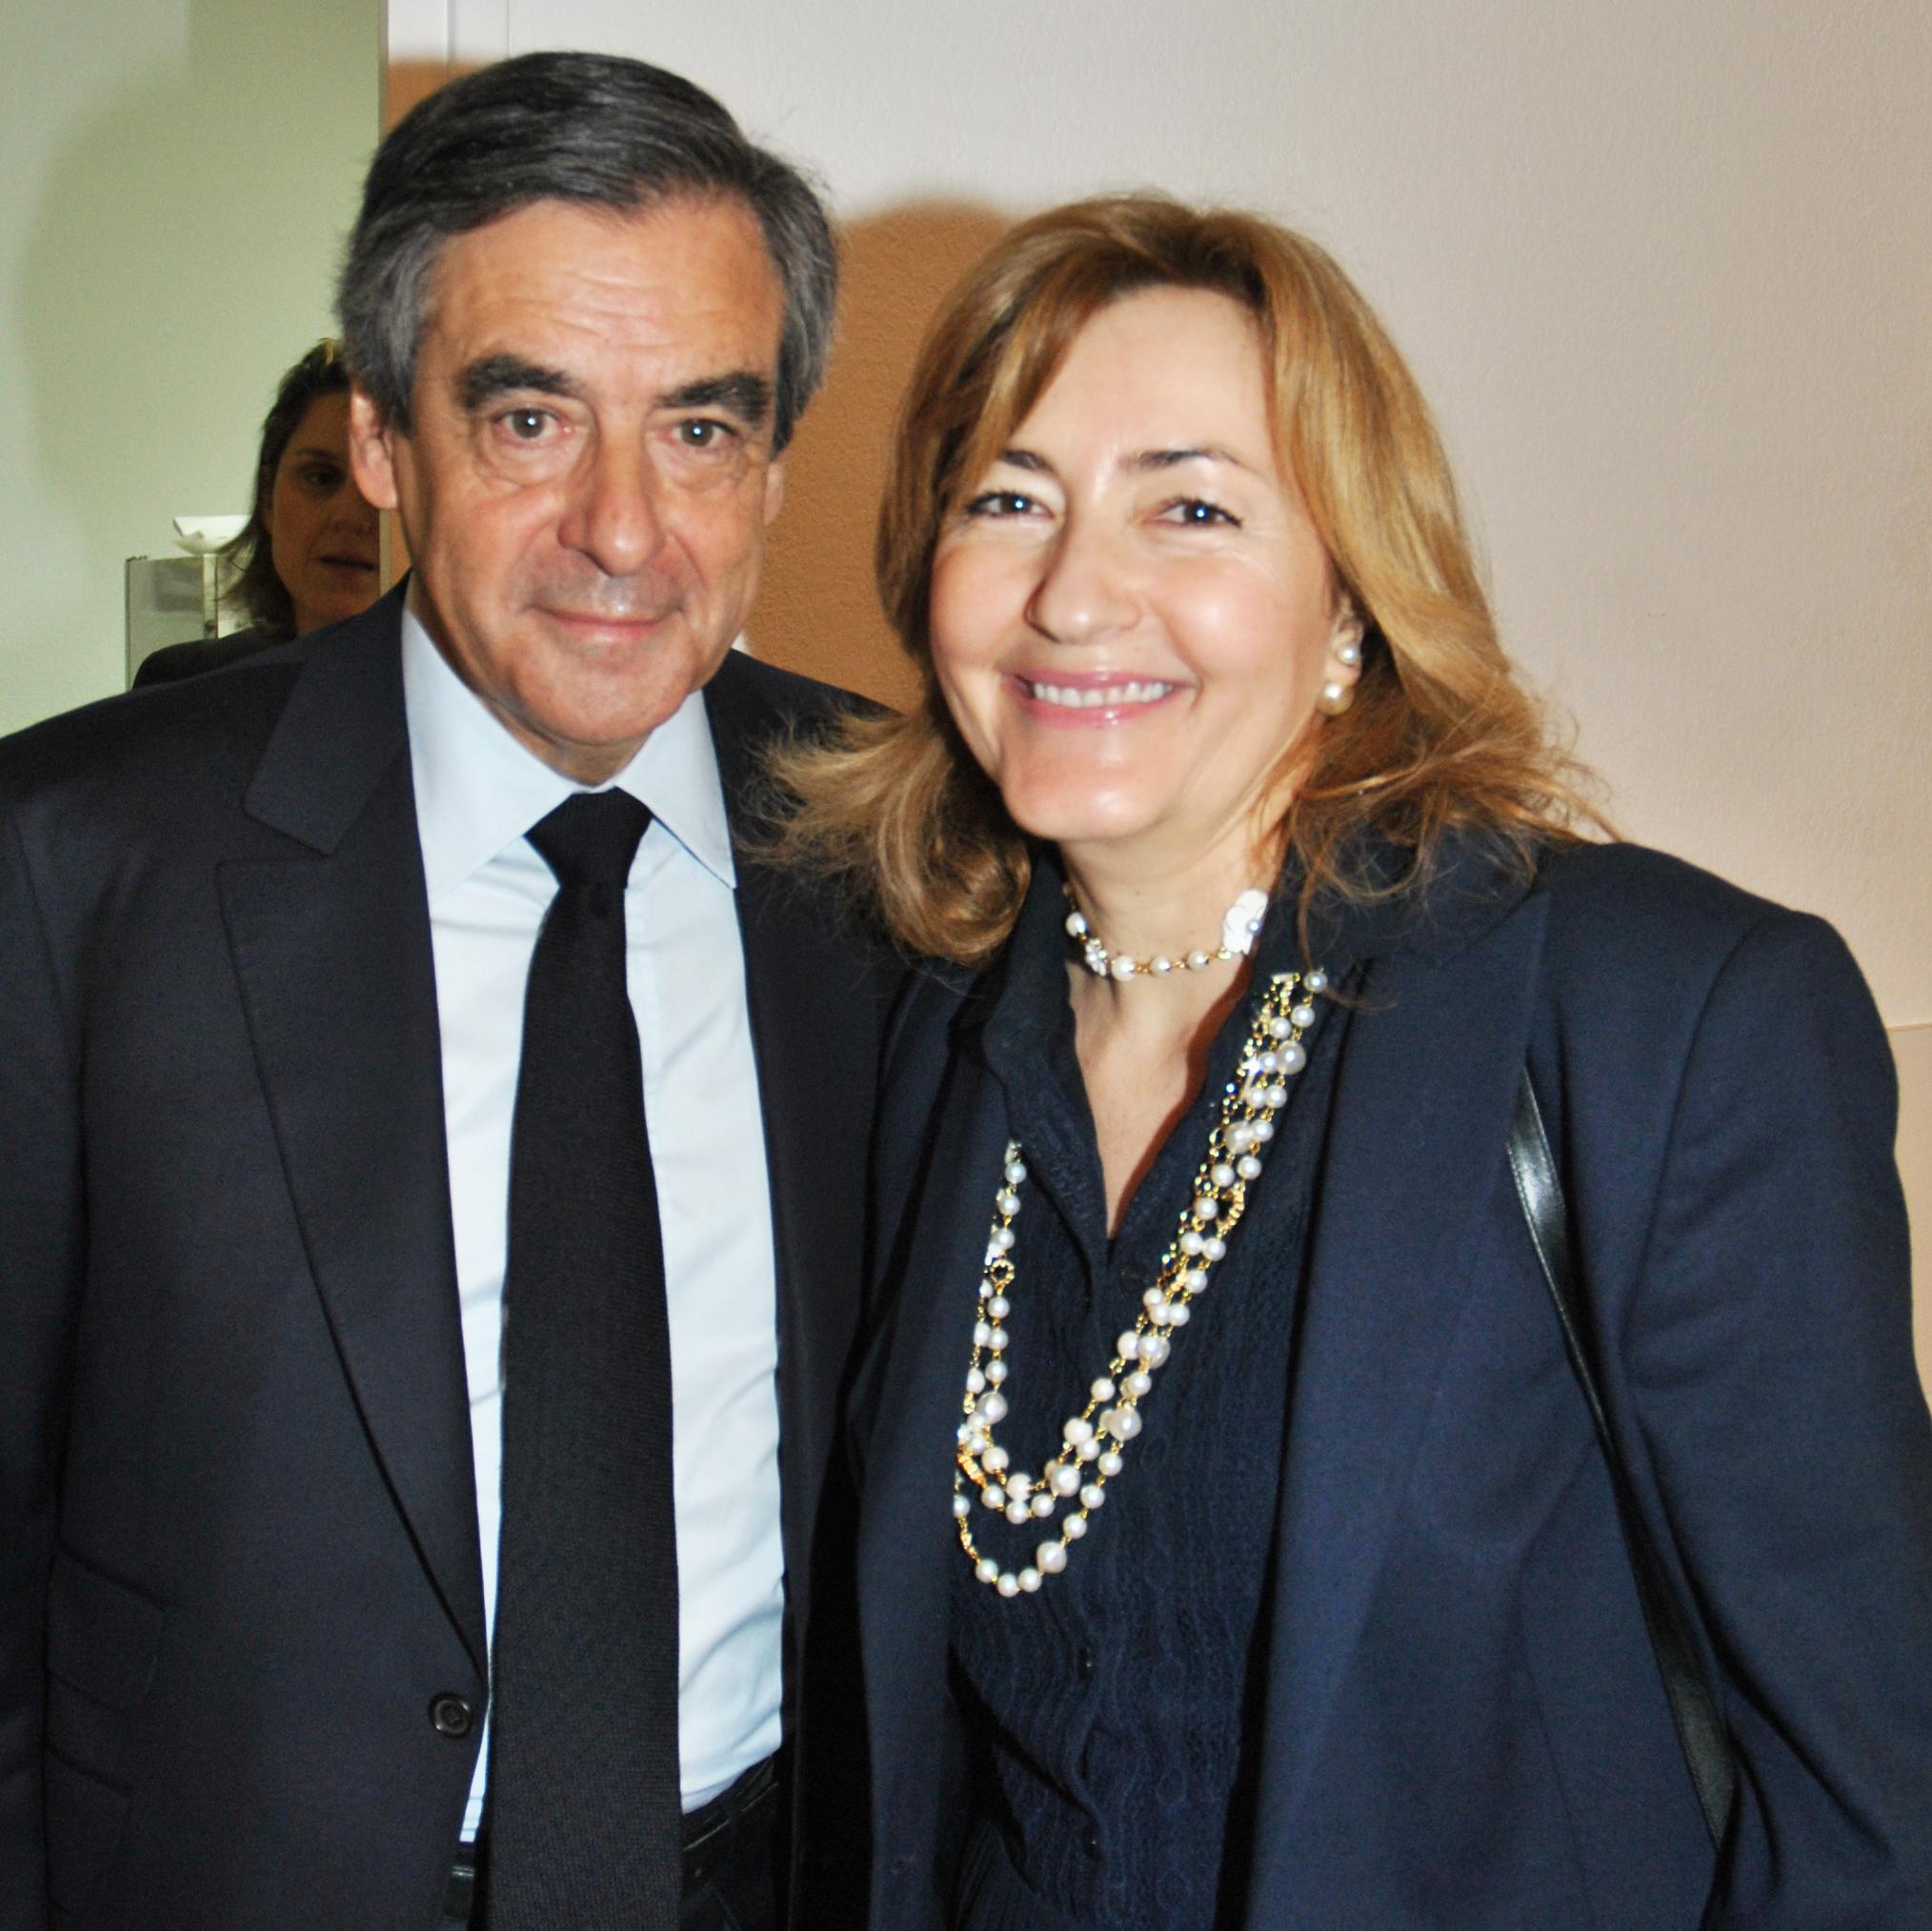 Élection présidentielle : Réunion publique avec Stéphanie Grimaldi le 19 avril à Calvi